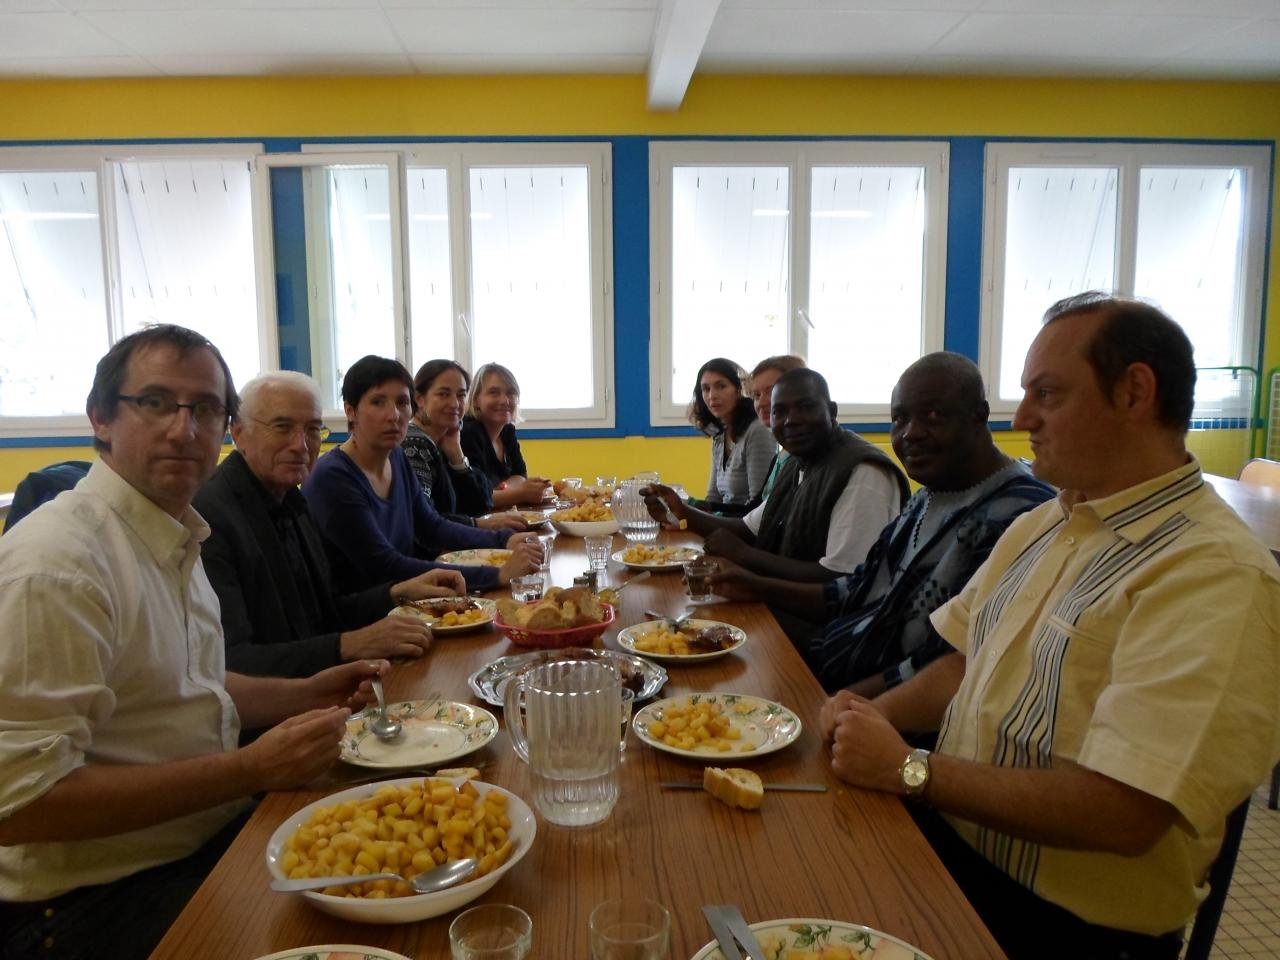 Repas en commun à la cantine de l'école de Polminhac